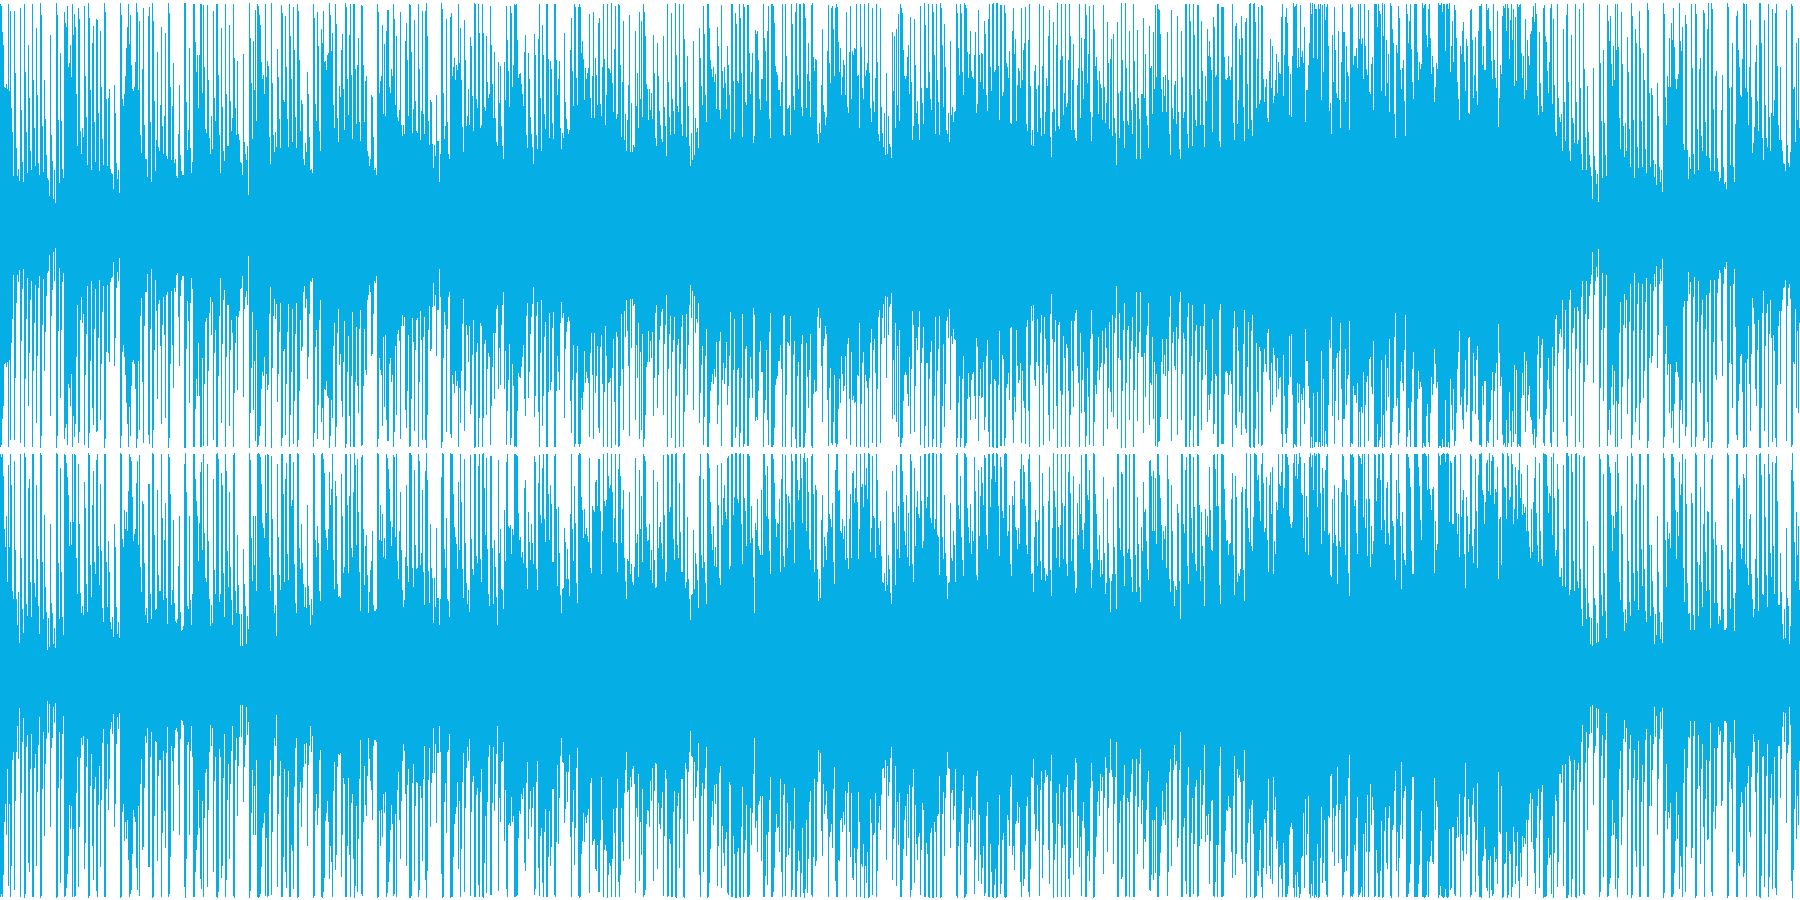 ゲーム用BGM 民族音楽風BGMの再生済みの波形